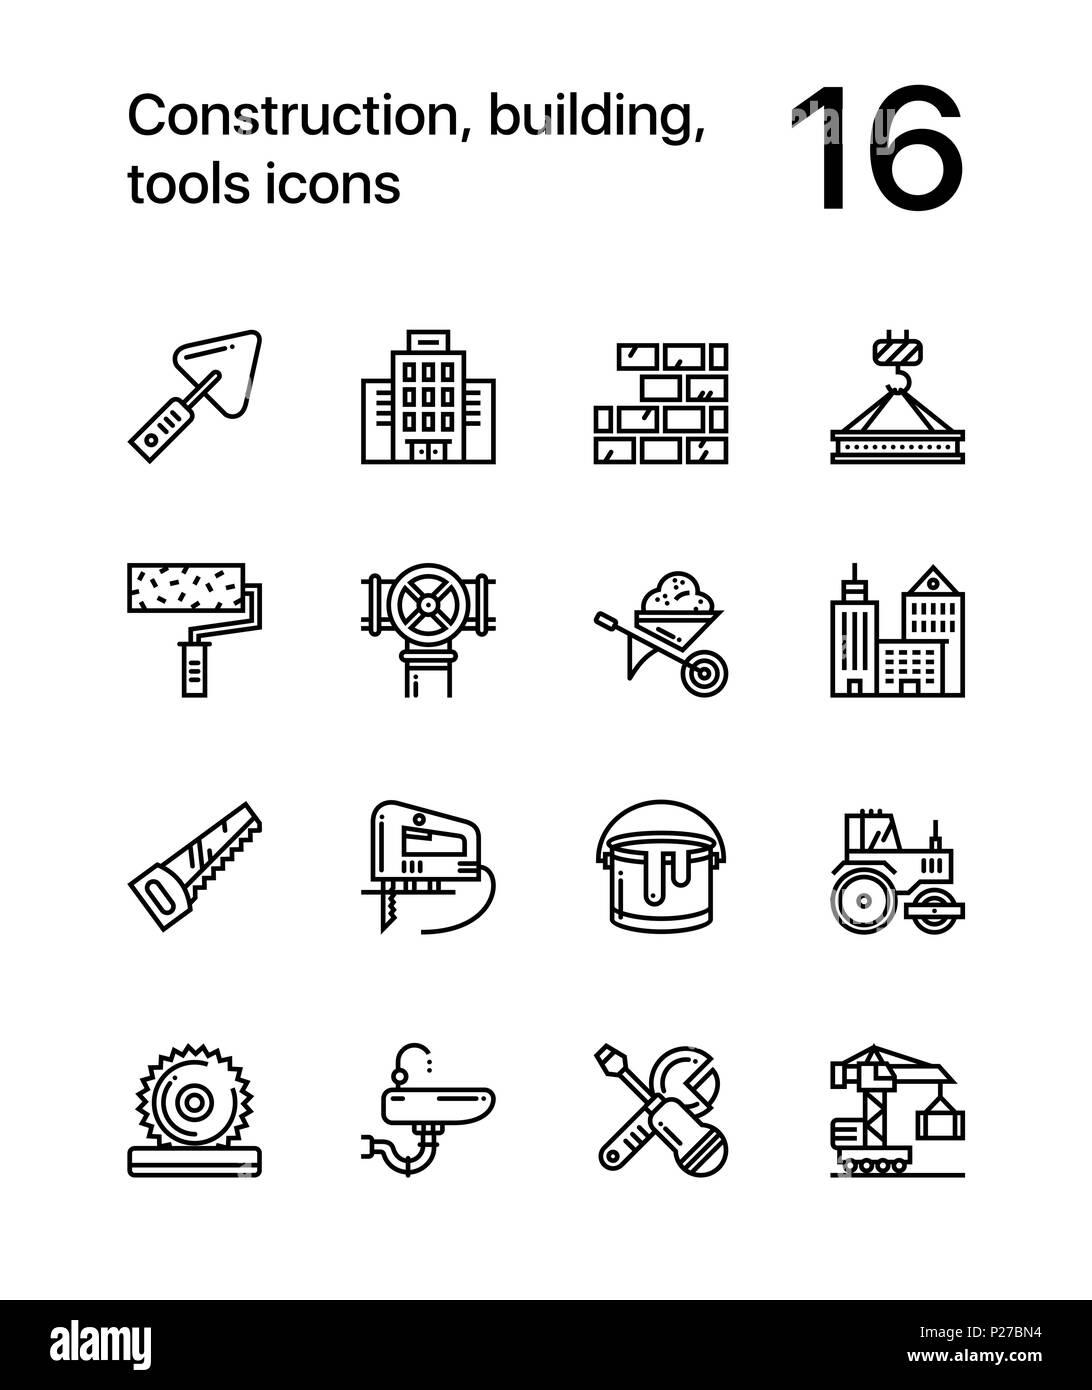 konstruktion, bauen, werkzeuge, nahtlose vektor kontur symbole für